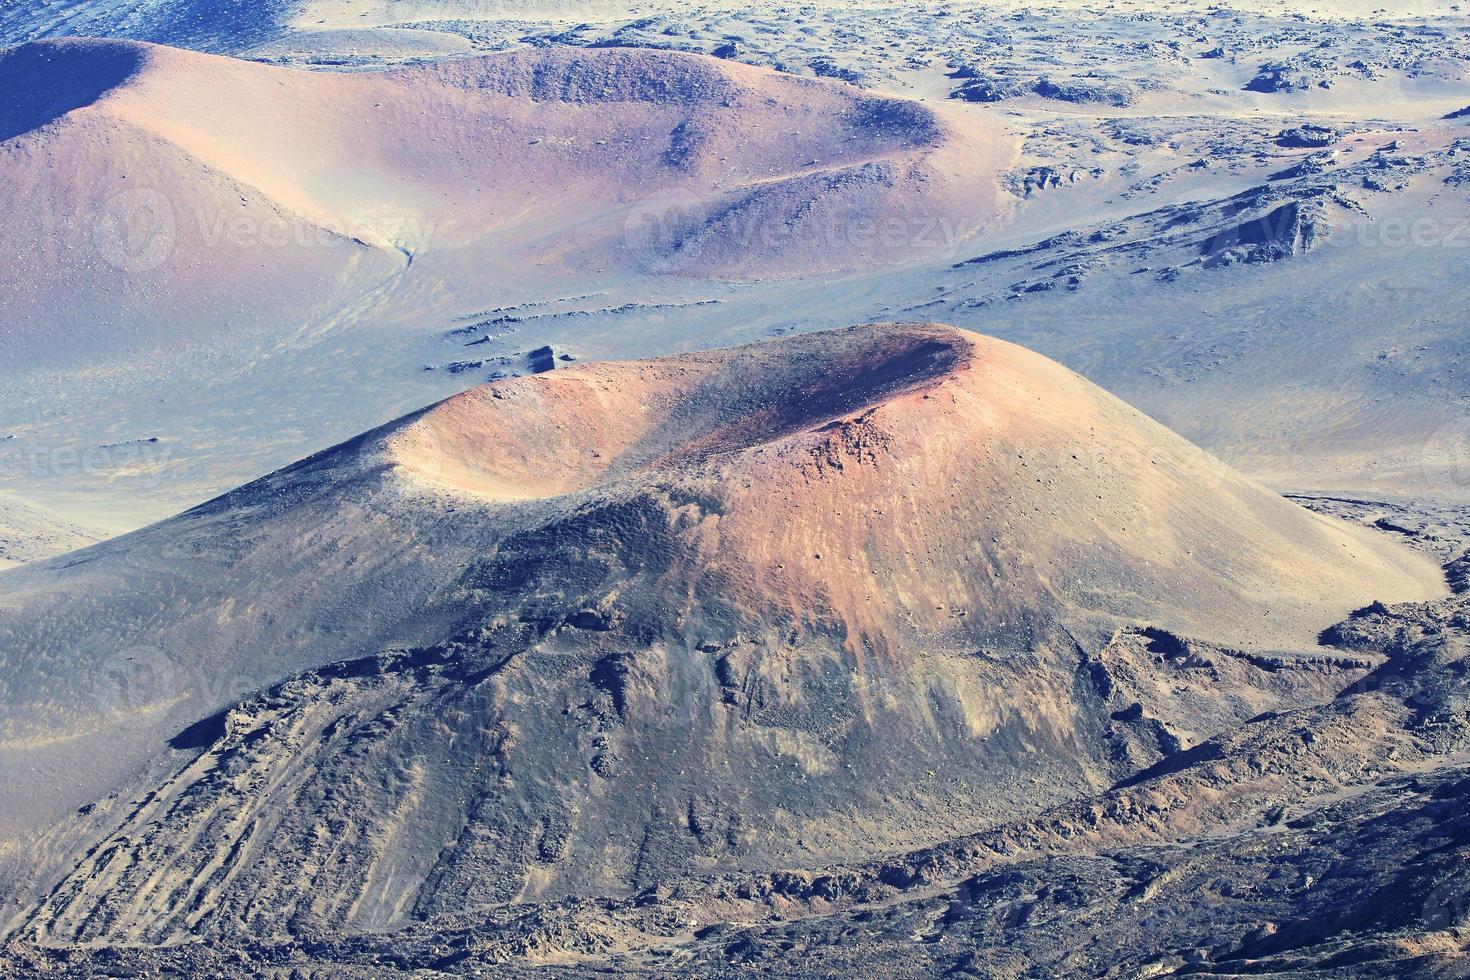 geërodeerde kama olii krater foto